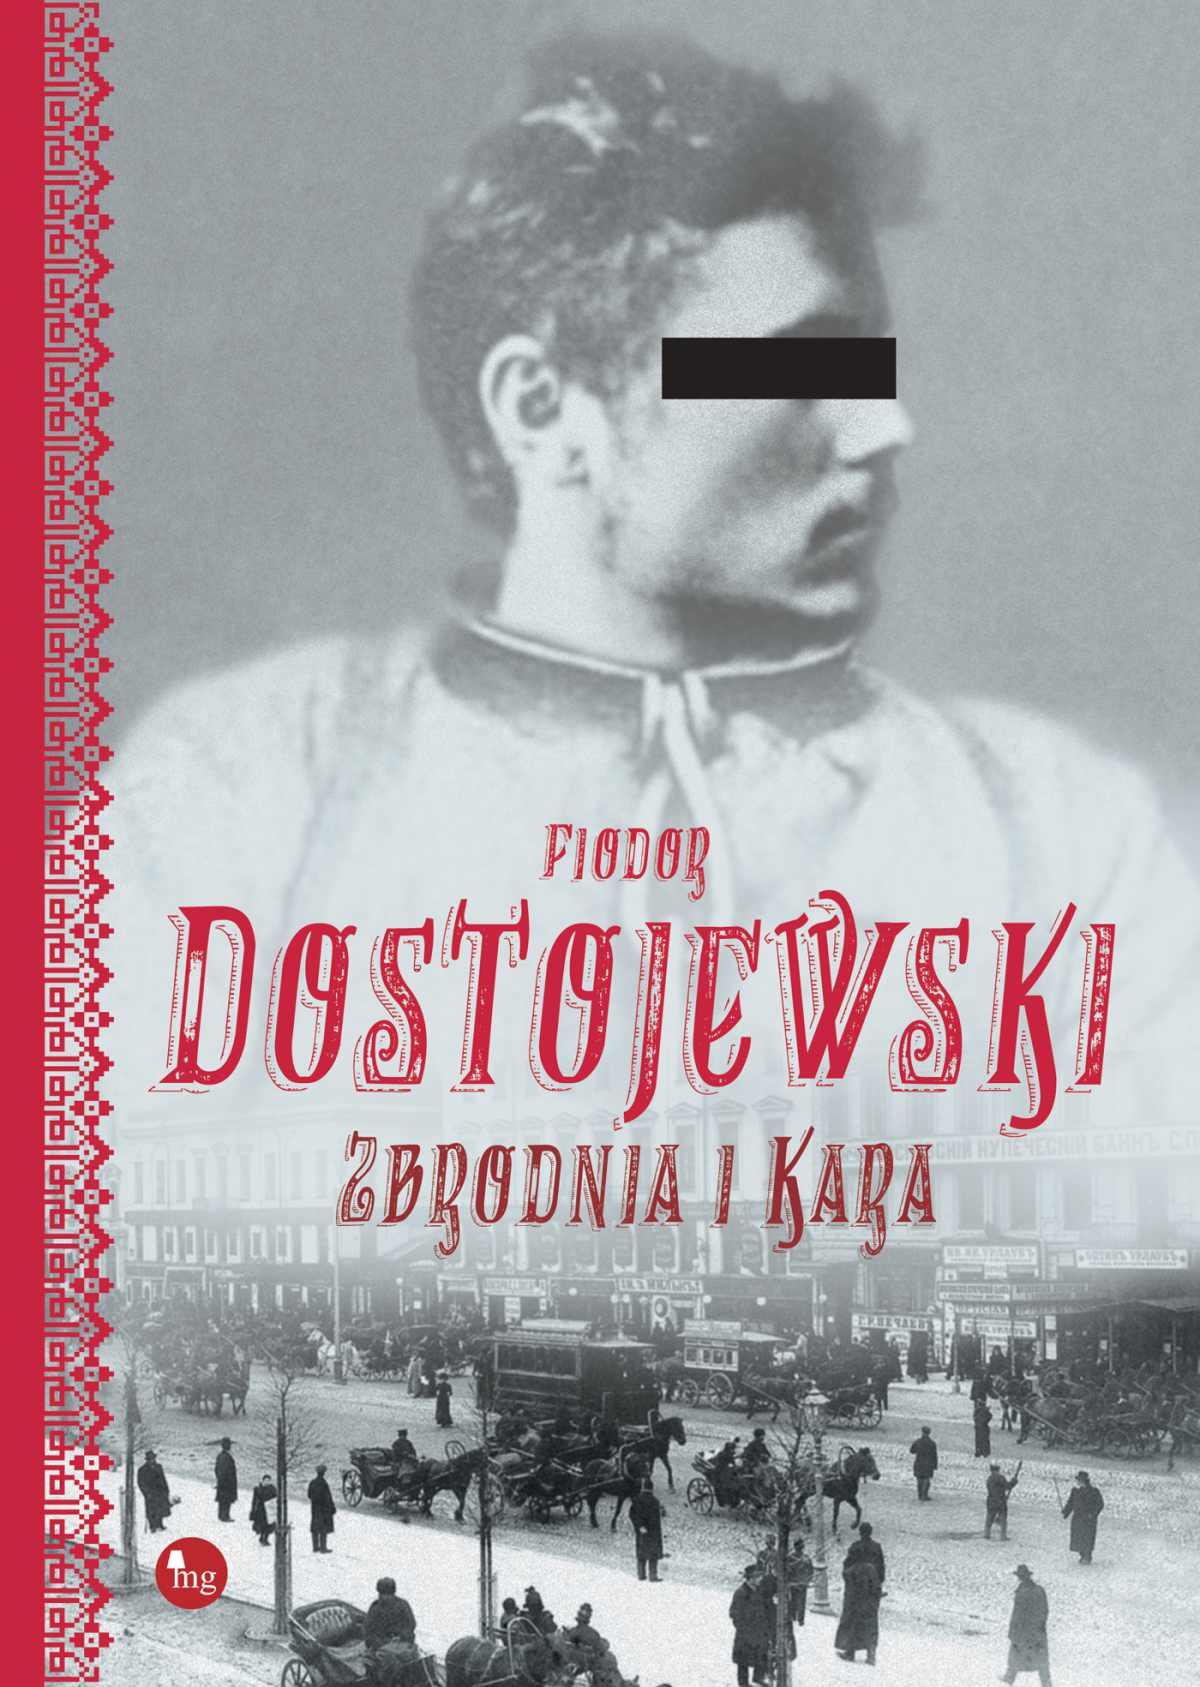 Zbrodnia i kara - Ebook (Książka na Kindle) do pobrania w formacie MOBI